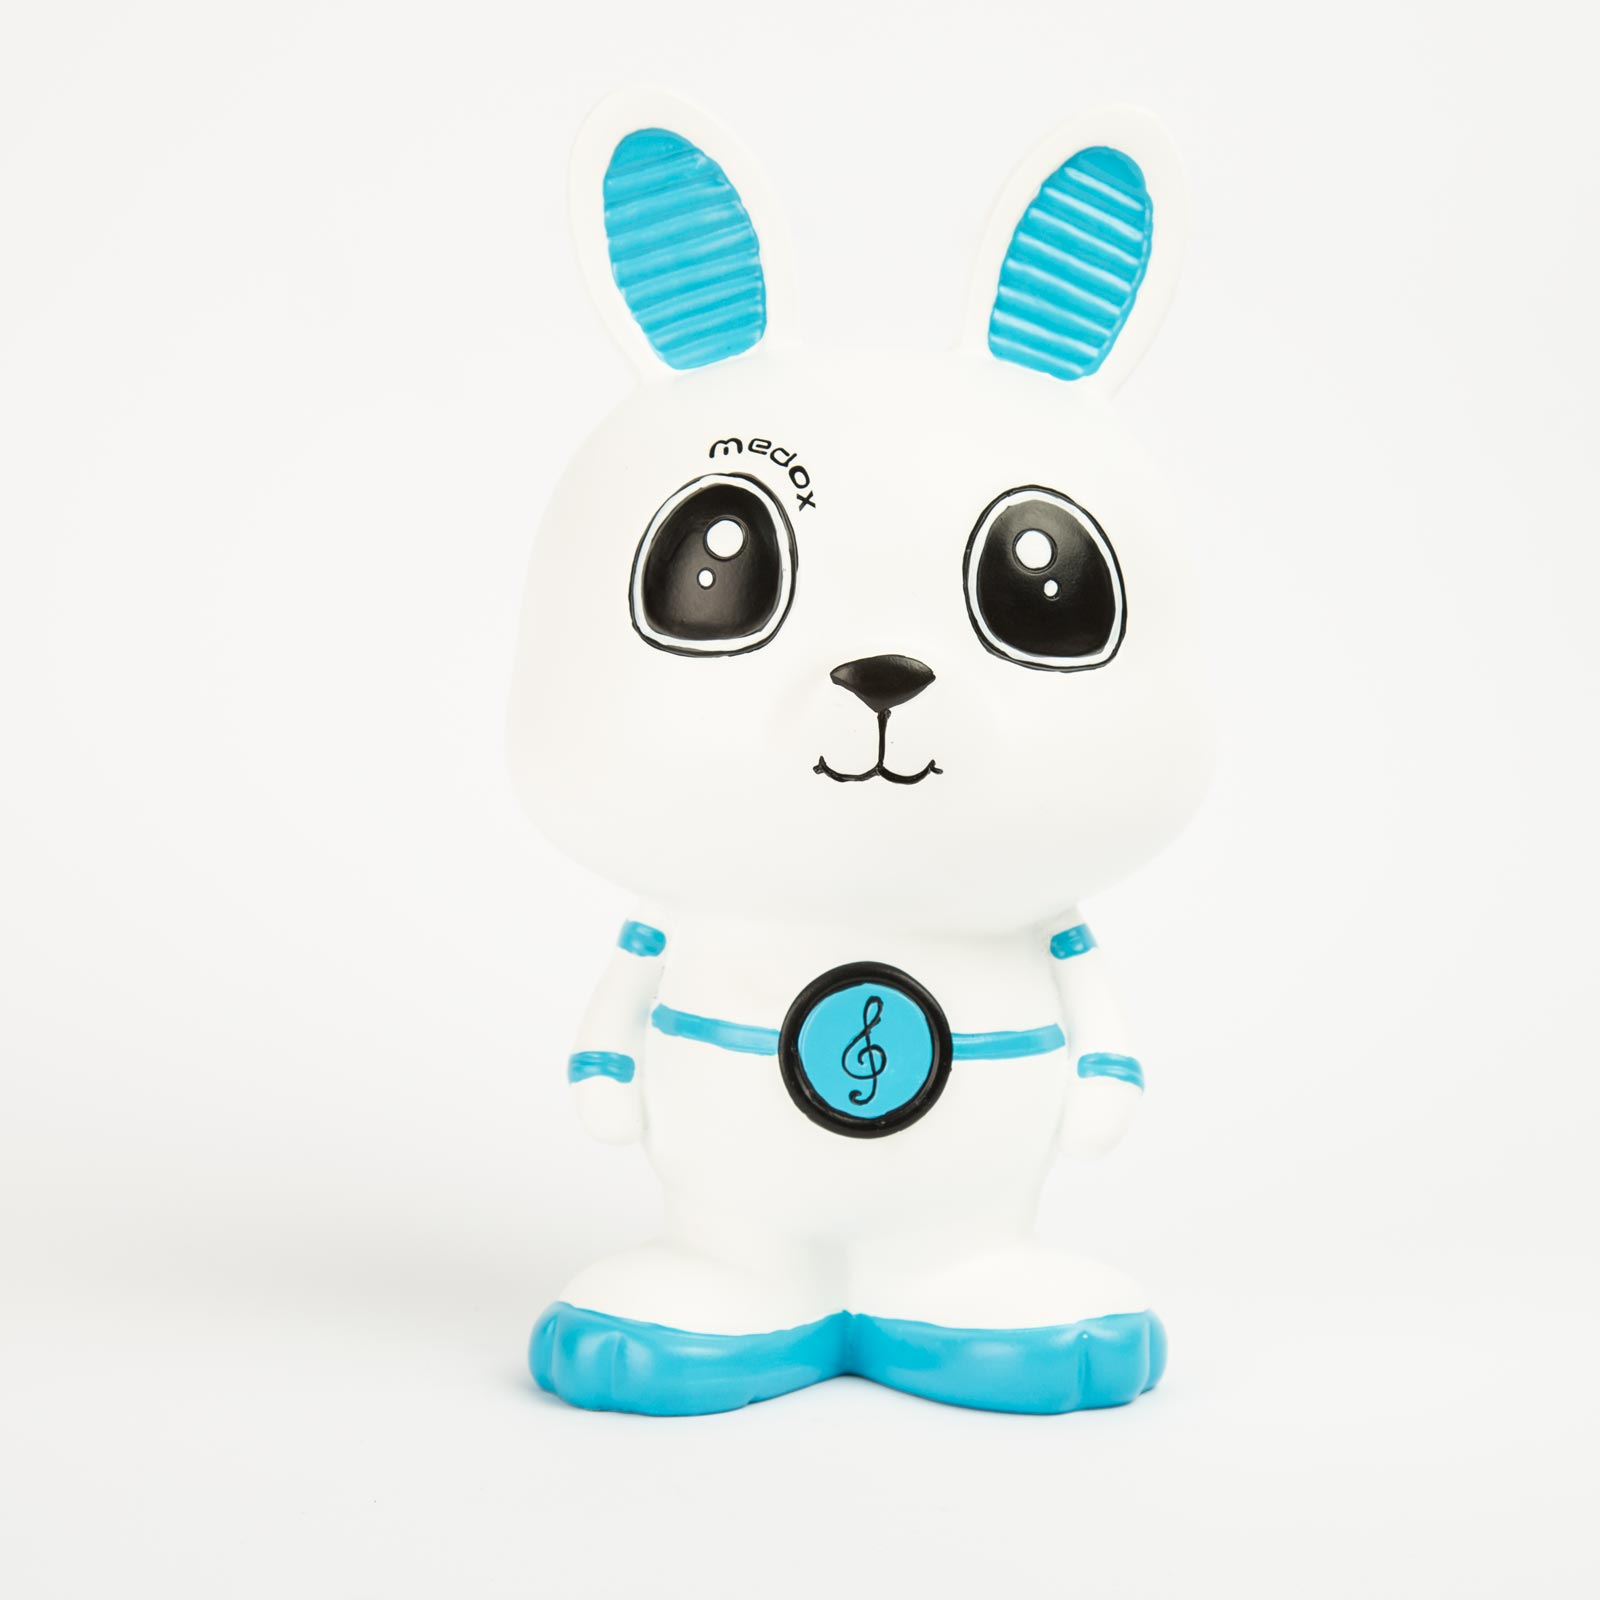 altavoz bluetooth de 3w rms, diseño conejo